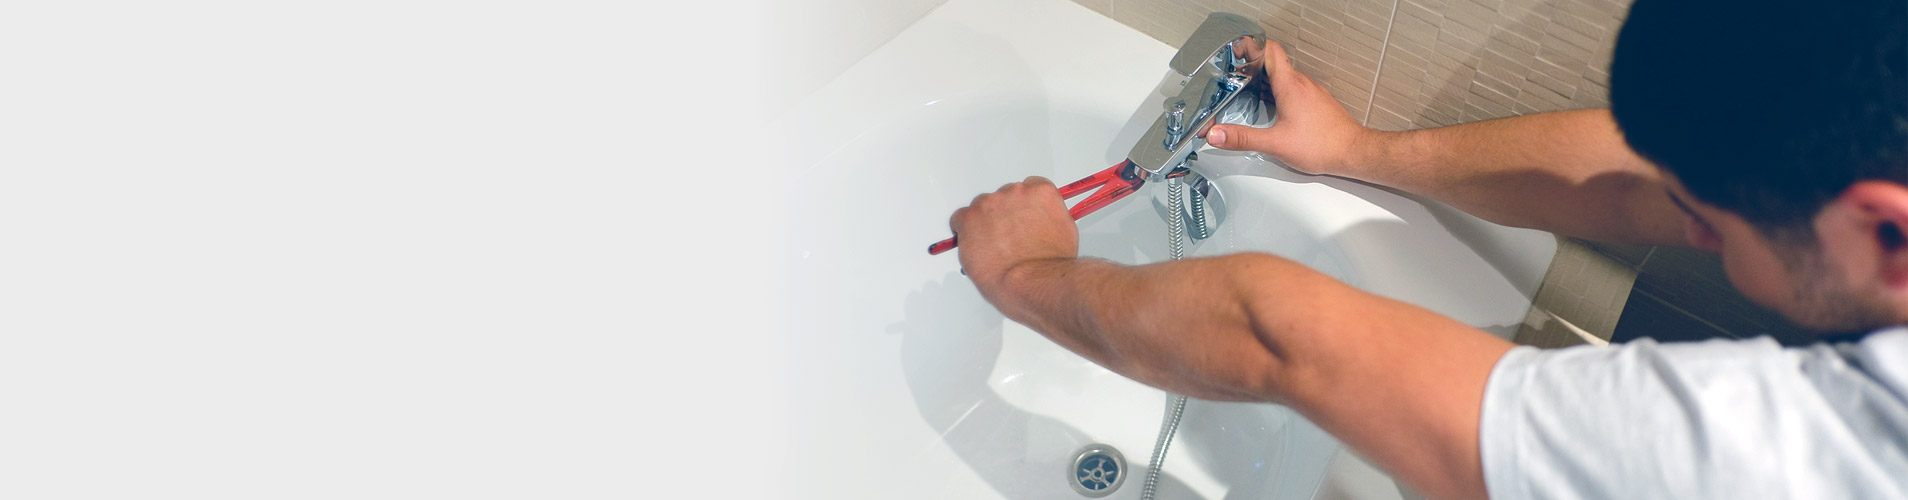 Notre plombier de Lyon réalisant le serrage d'un mitigeur